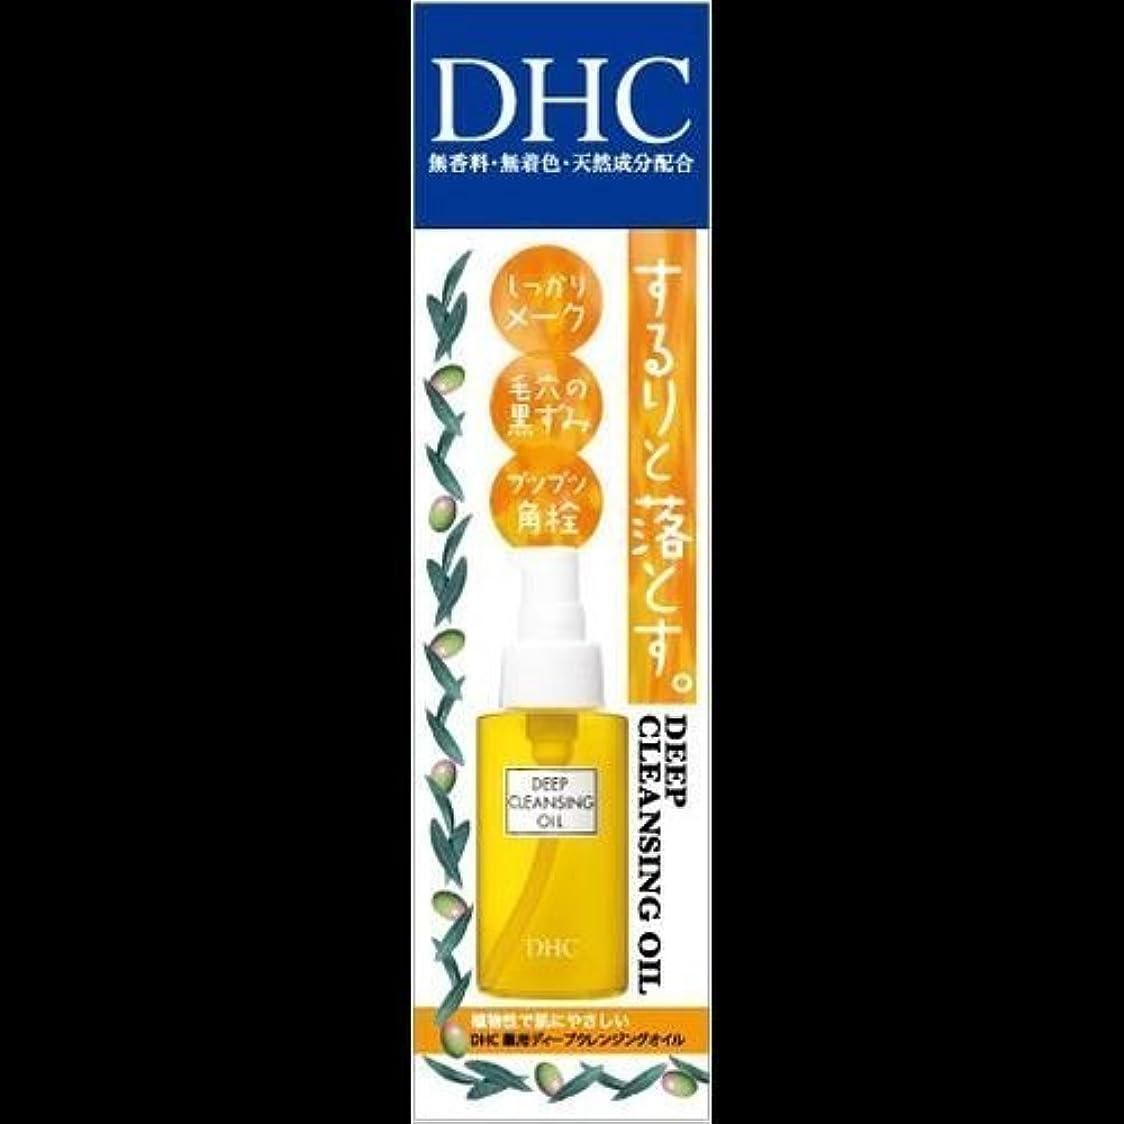 リム論争的【まとめ買い】DHC 薬用ディープクレンジングオイル(SS) 70ml ×2セット